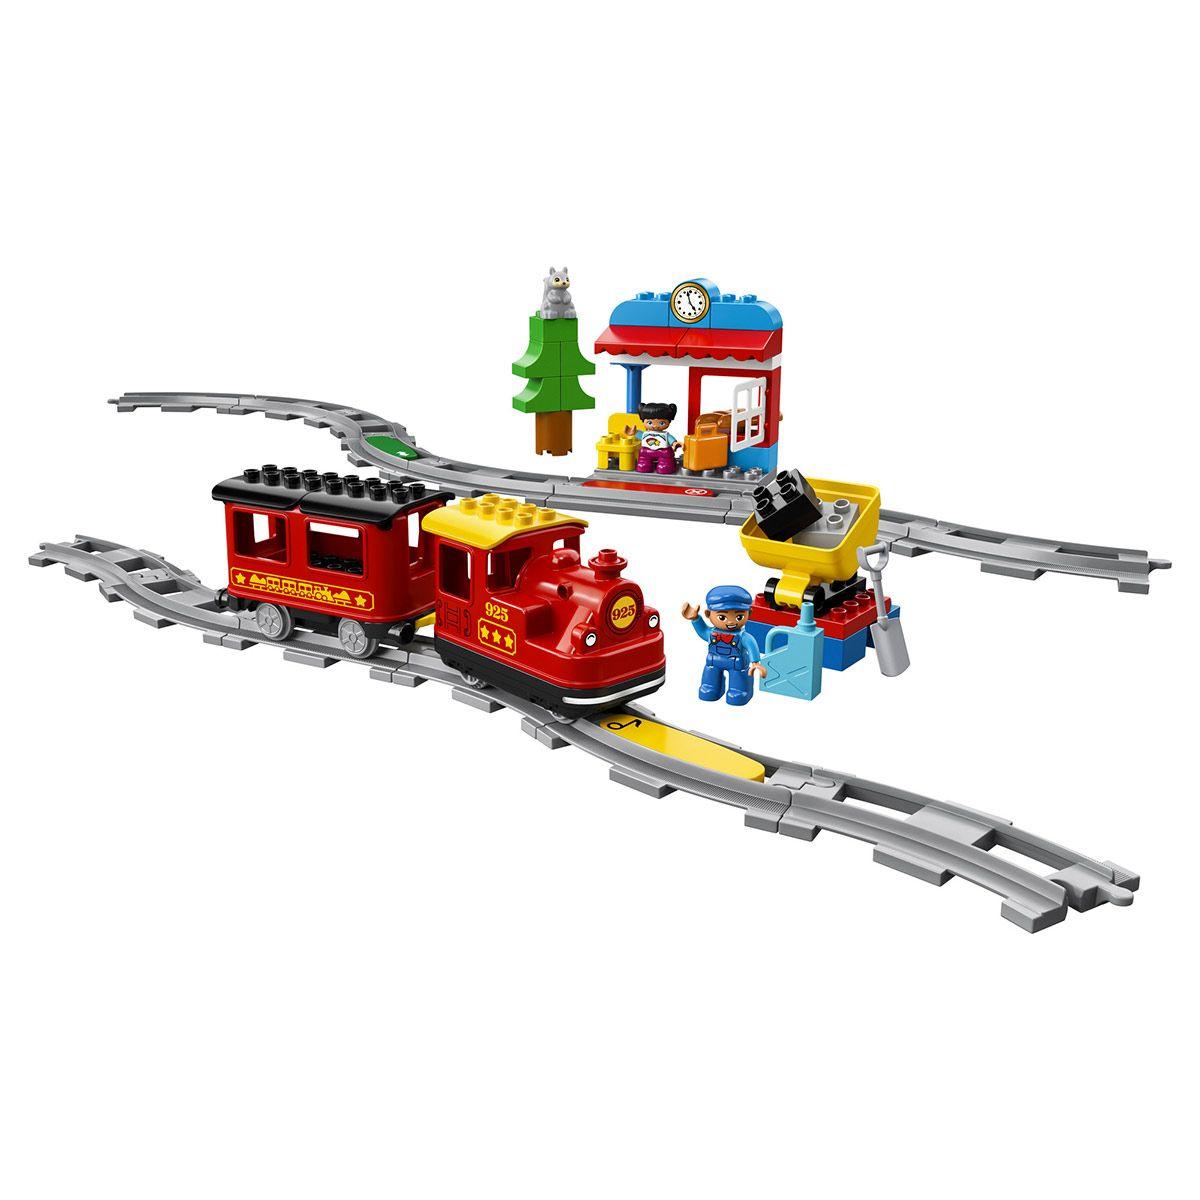 Duplo Jeux De Le La 10874 À Train Vapeur Lego Construction K1FJlc